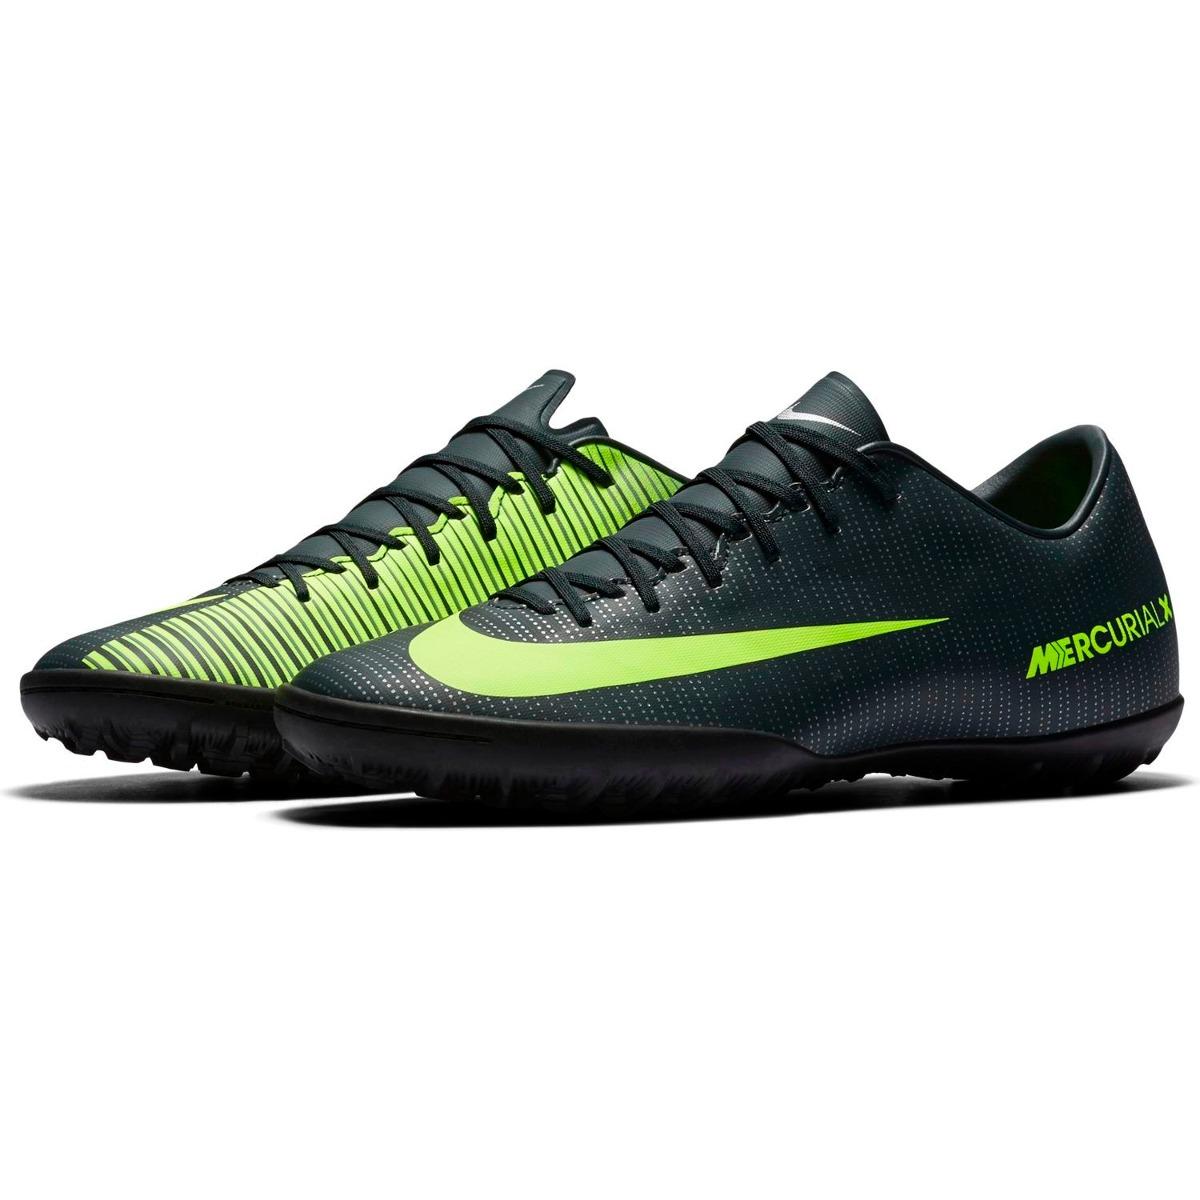 Tenis Nike Mercurial Victory Vi Cr7 Turf Nov. 2016 Original ... c76fc0b4001b9